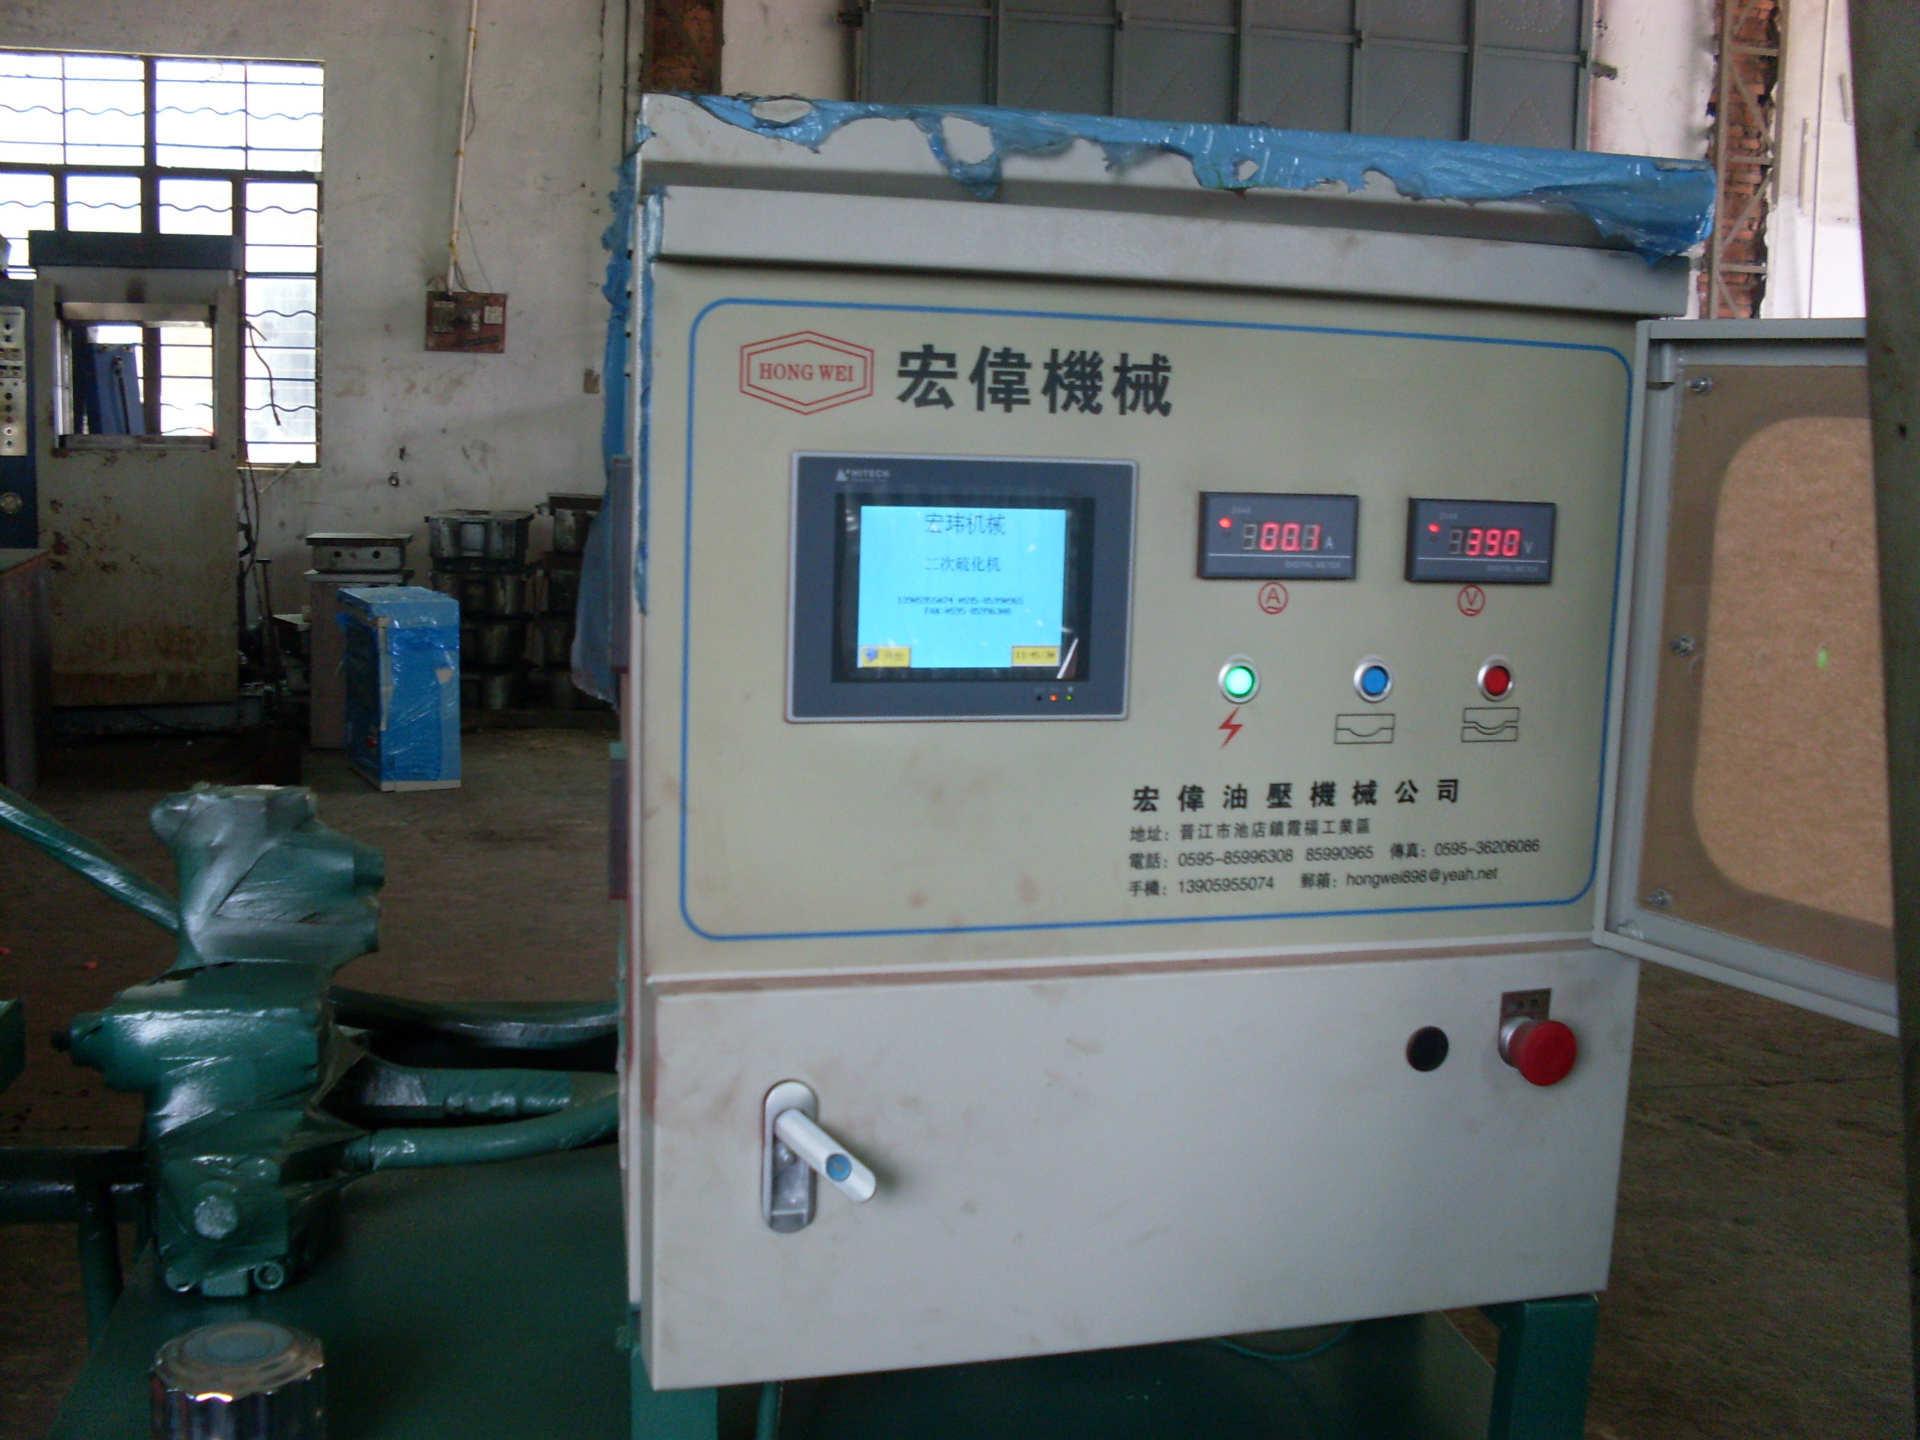 二次MD中底成型油壓機 冷熱分開成型 冰水冷卻 高產量